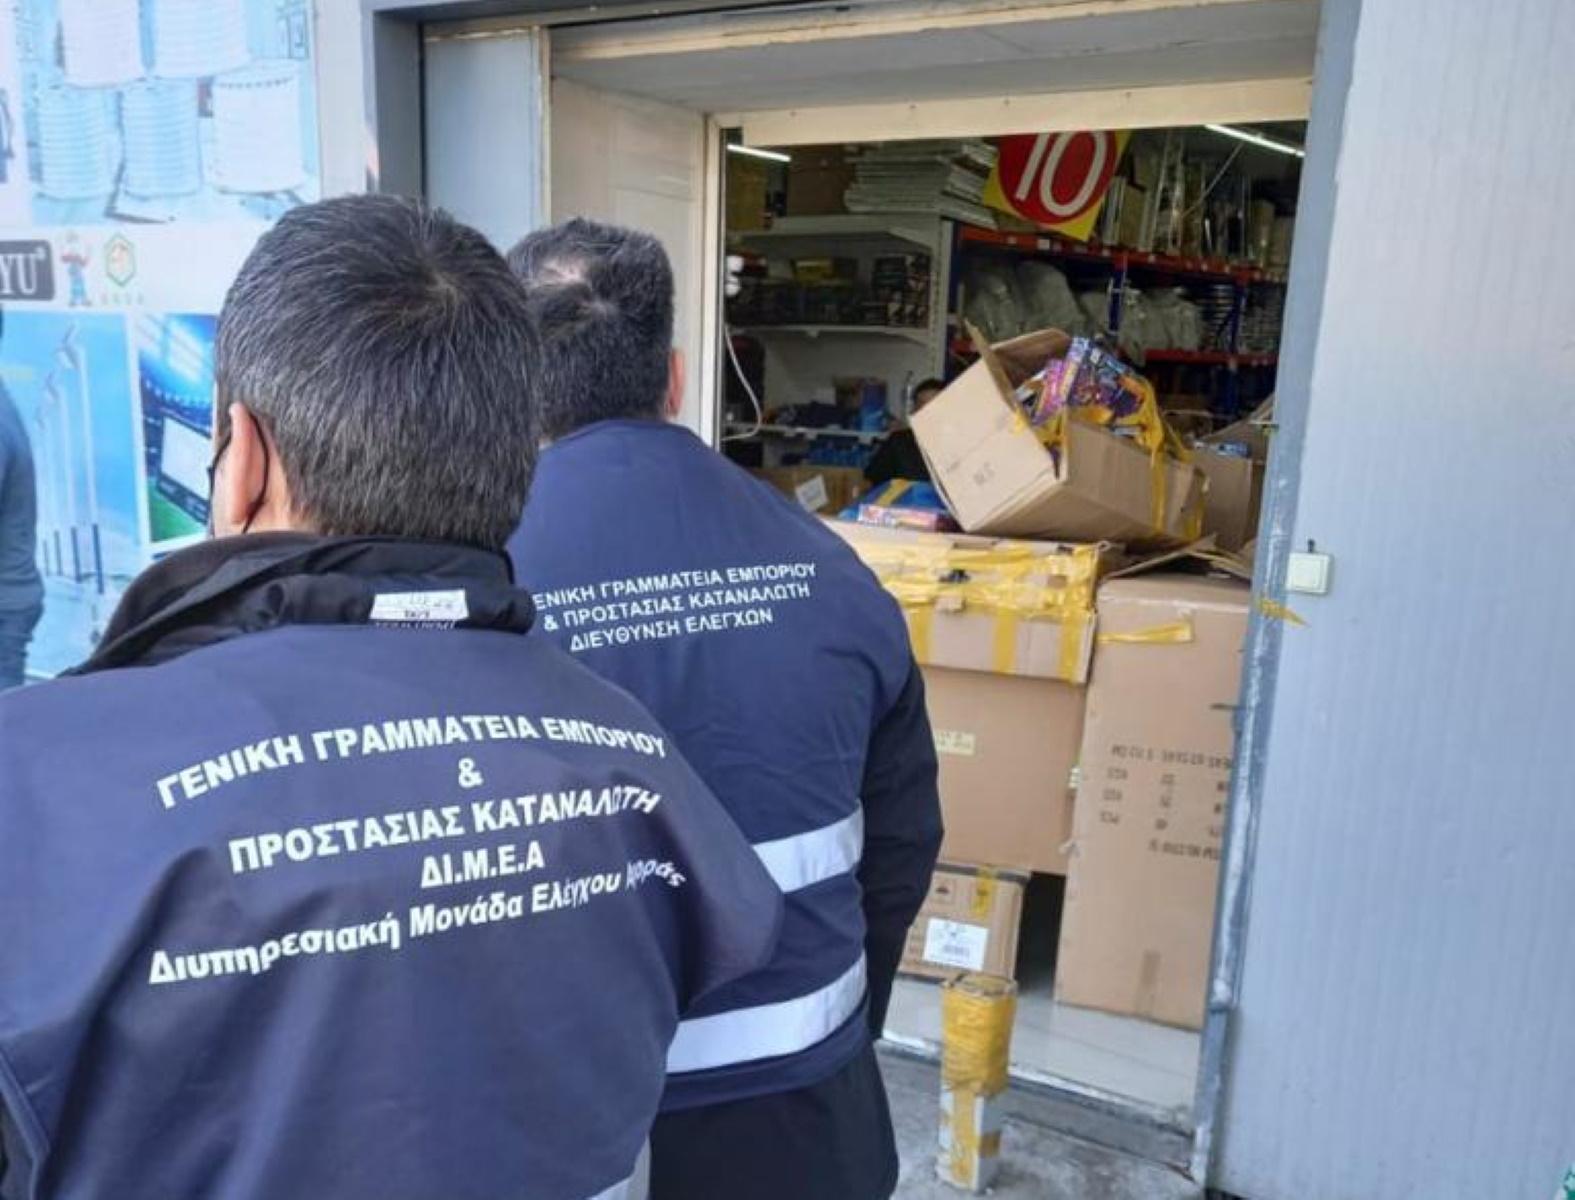 Πρόστιμο 10.000 ευρώ για παράνομο εμπόριο παιχνιδιών (pics)